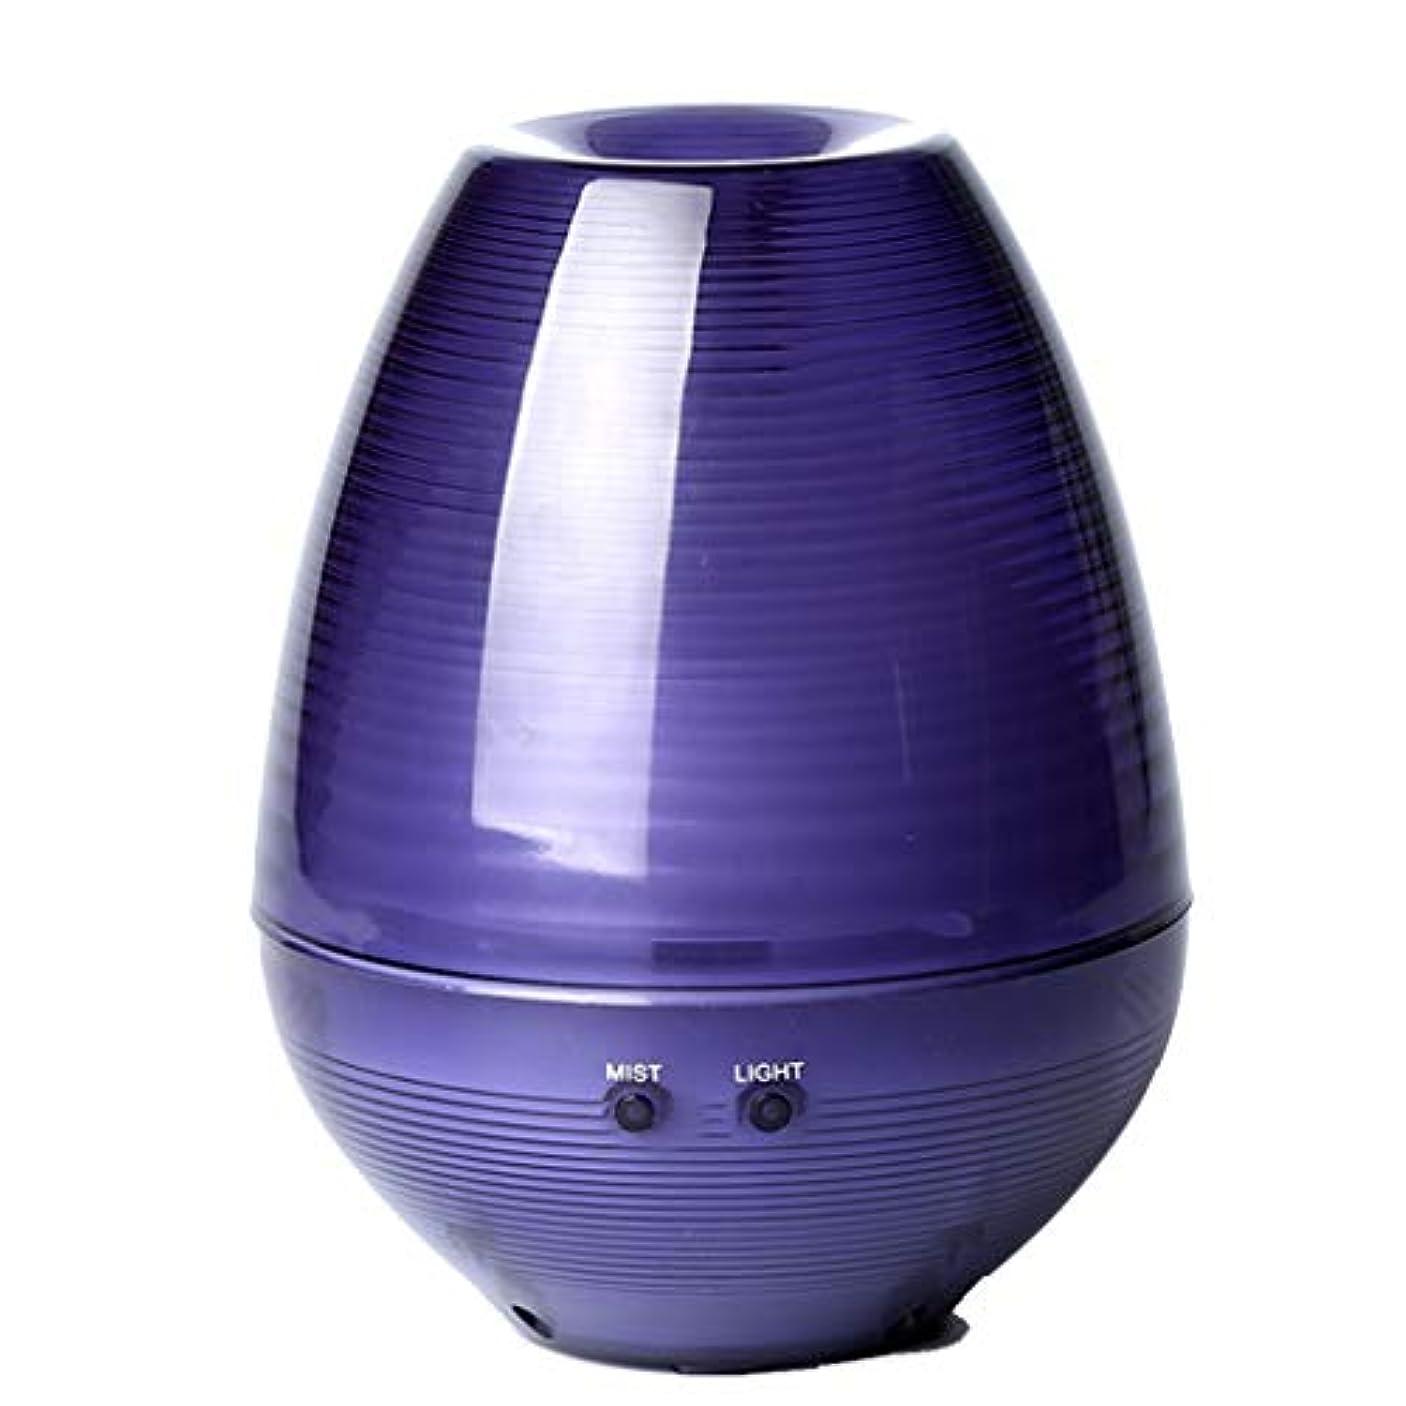 美的差し控える幽霊アロマセラピーエッセンシャルオイルディフューザー、アロマディフューザークールミスト加湿器ウォーターレスオートシャットオフホームオフィス用ヨガ (Color : Purple)